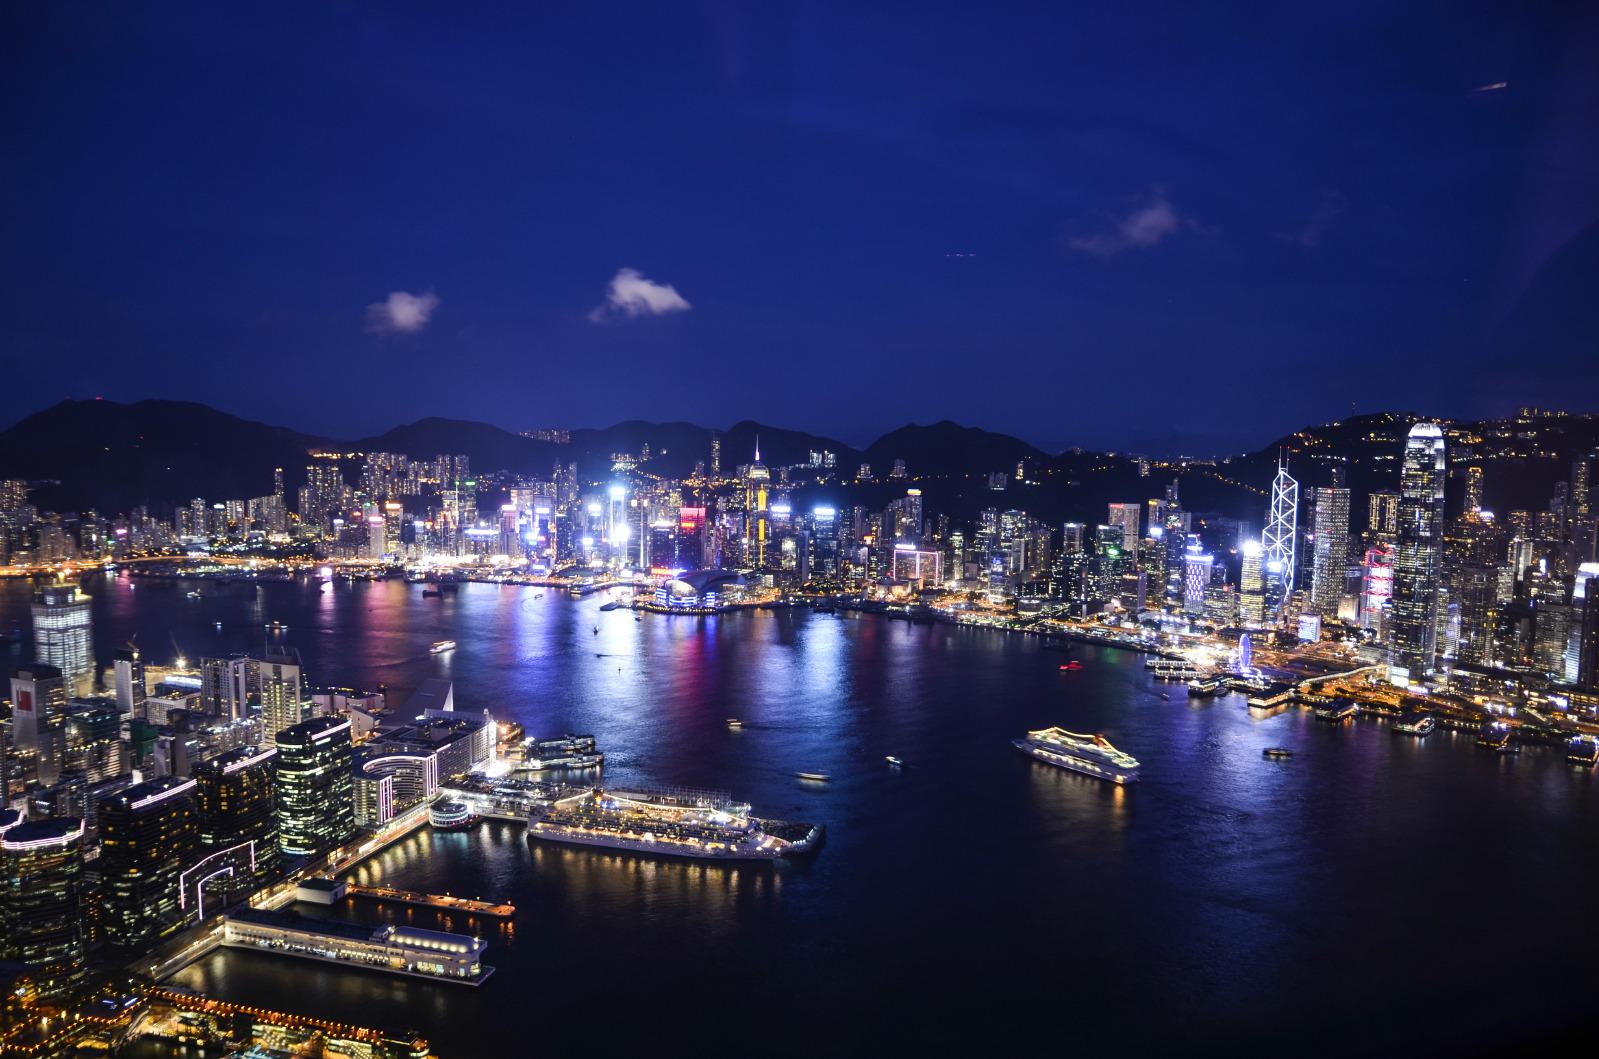 香港天际100(SKY 100)位于香港九龙半岛(Kowloon Peninsula)西侧的ICC大厦上,观景台位于大厦的第一百层,我的门票是提前在淘宝上买的,如果你在国内可以直接寄到家里,如果还在国外旅游不方便接收的话还可以到淘宝店铺在香港指定的票务公司自己领取。淘宝上的票价在86块人民币左右。去ICC可以坐机场线和东涌线在九龙站下车,大厦很高,群楼是商品MALL,景点入口也在一楼,出示门票就可以乘坐电梯啦。 进入电梯间前是香港城市变迁的时光隧道,电梯很快,电梯出来是蓝色灯光的电梯间。  走廊下是香港维